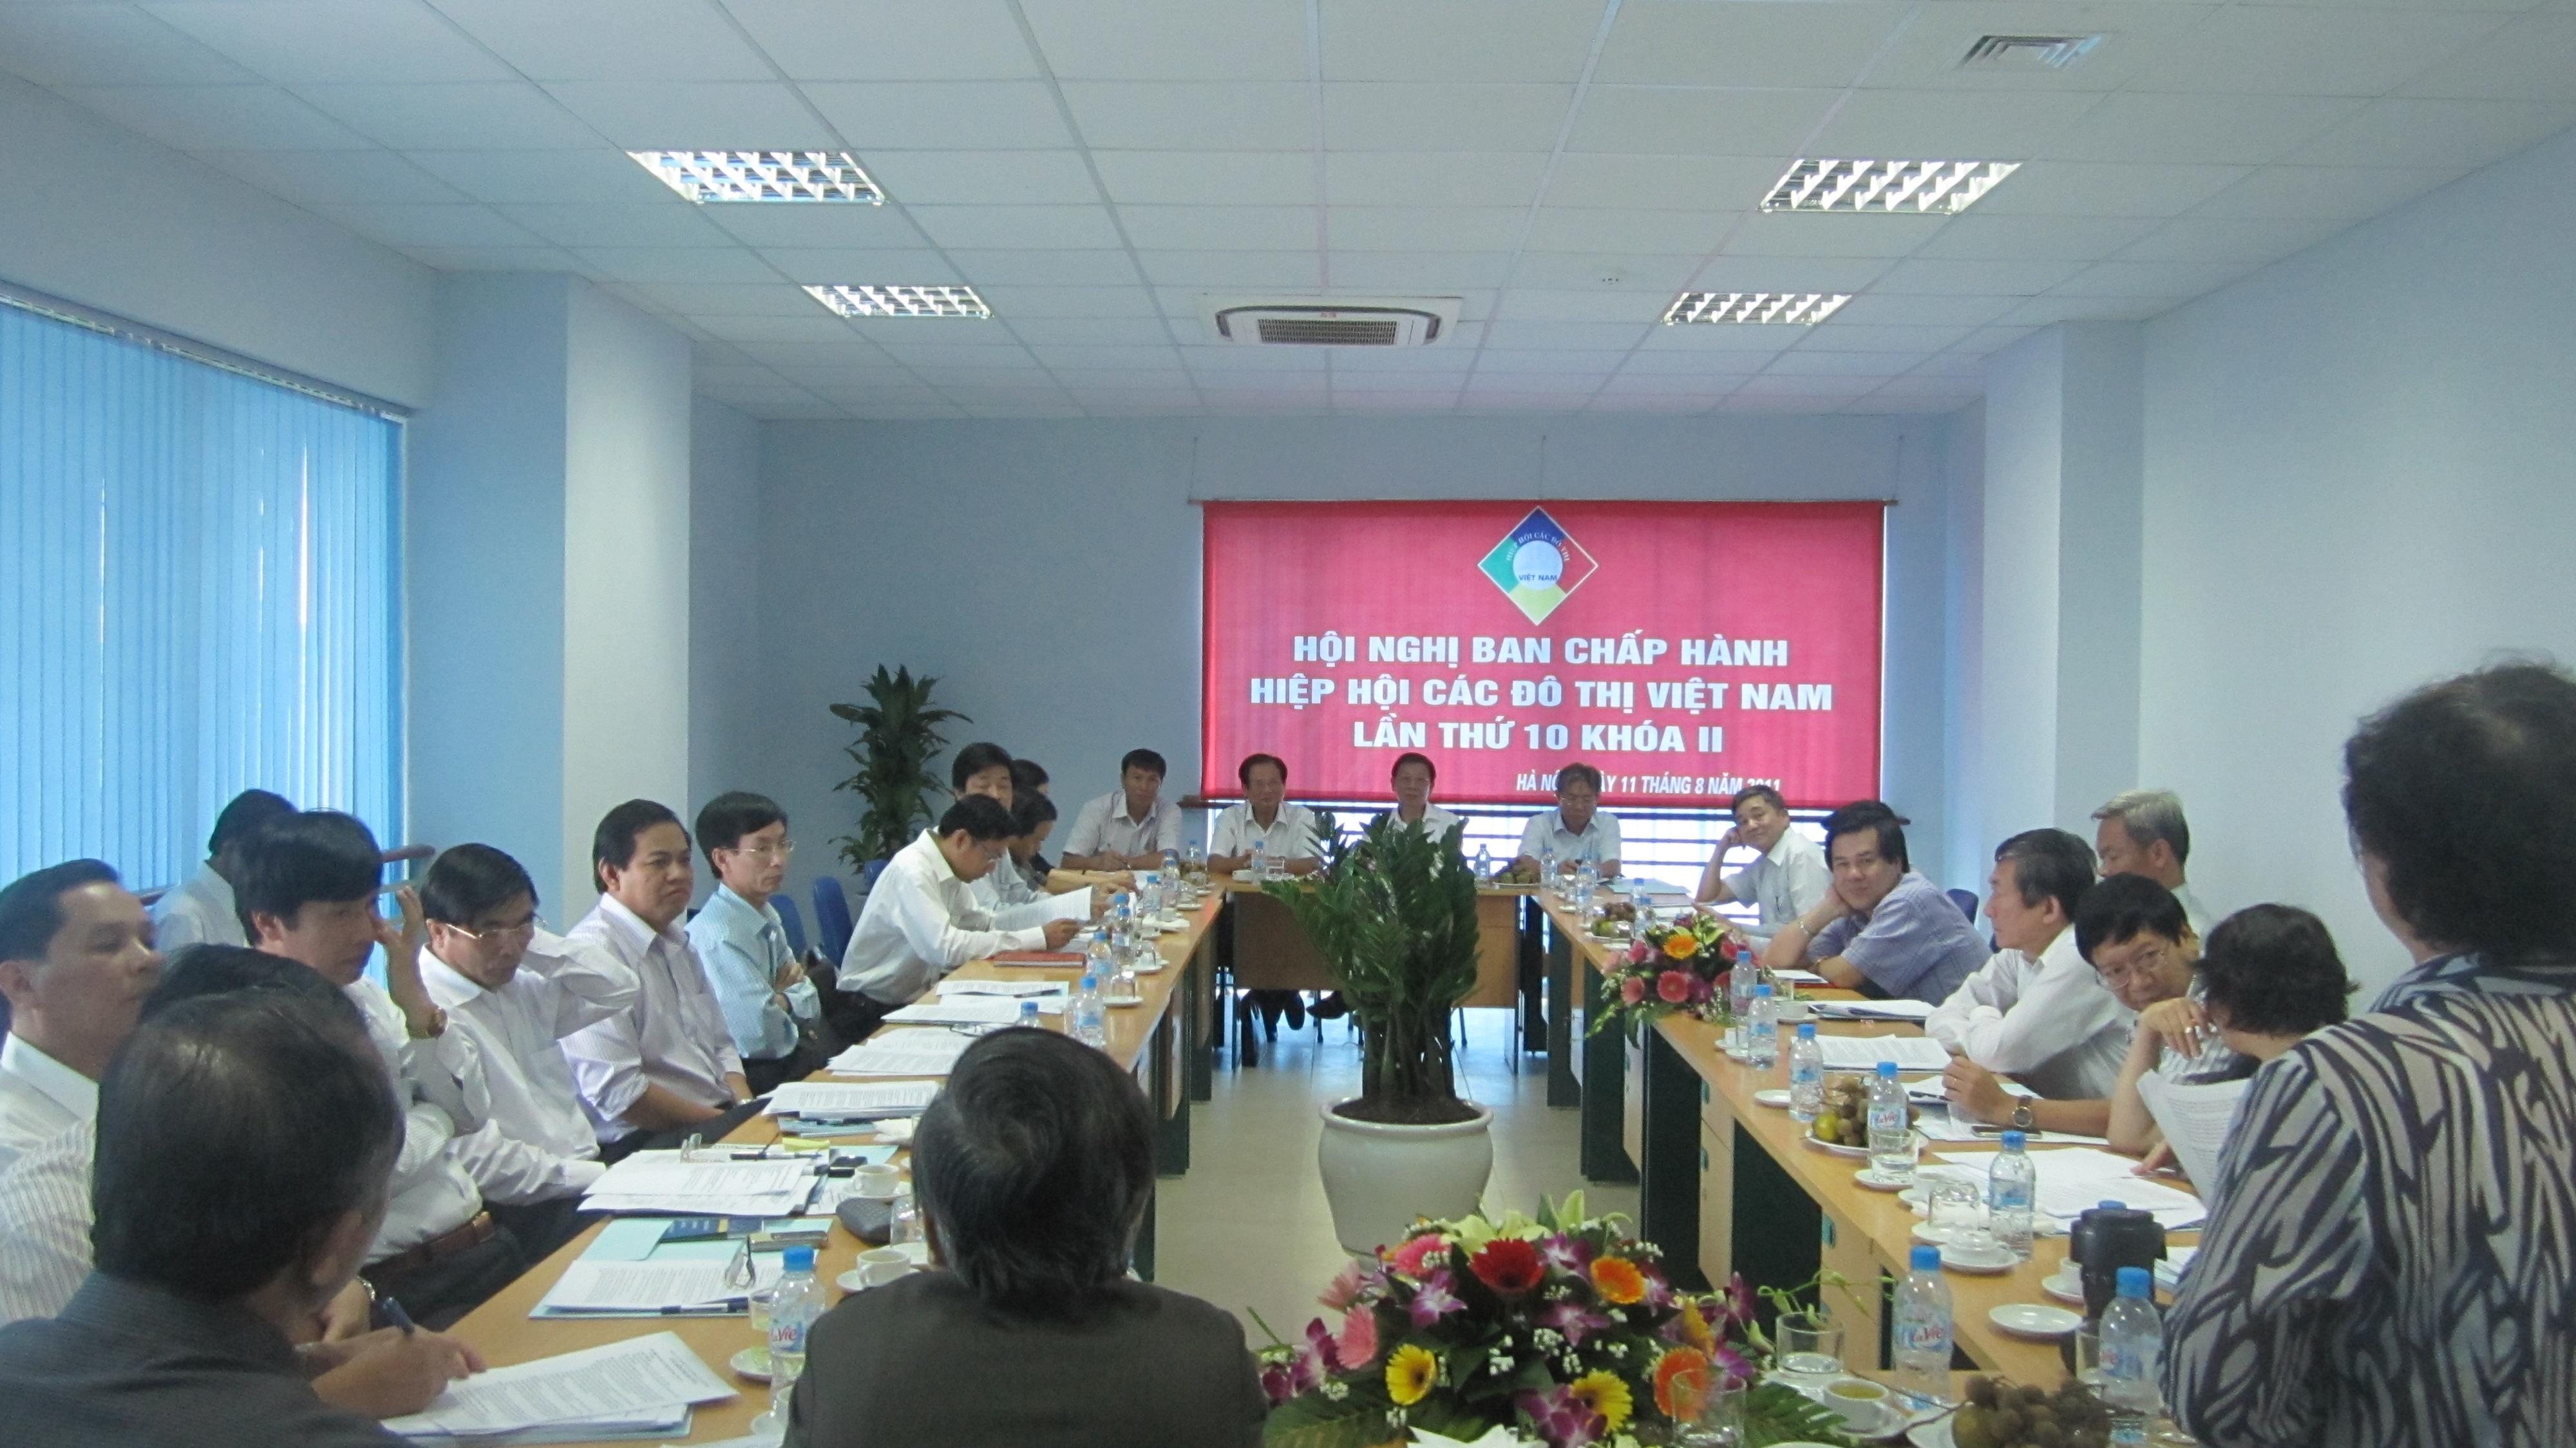 Hội nghị Ban Chấp hành Hiệp hội các đô thị Việt Nam lần thứ 10 khóa II